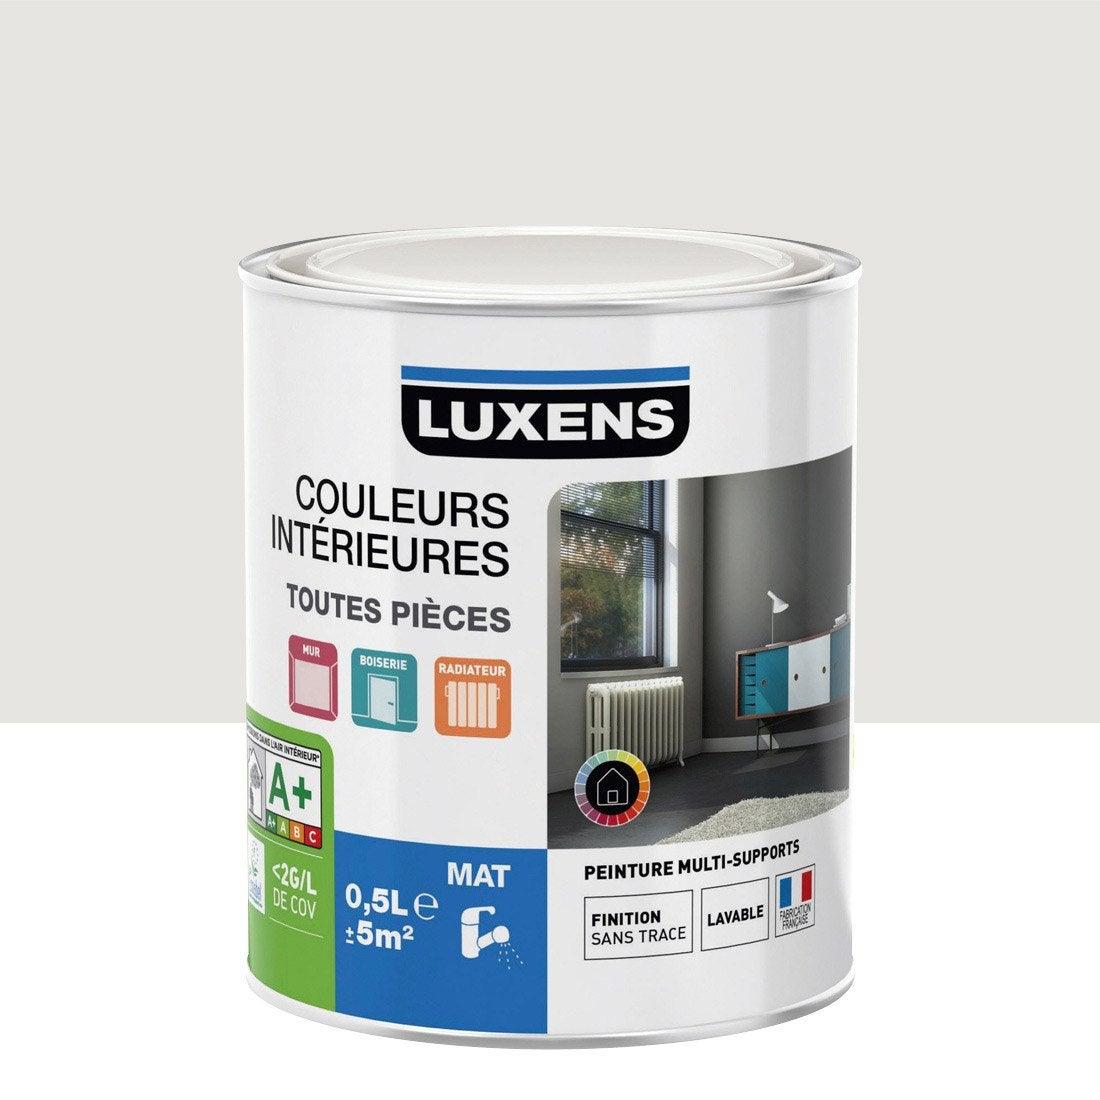 peinture blanc calcaire 5 luxens couleurs int rieures mat 0 5 l leroy merlin. Black Bedroom Furniture Sets. Home Design Ideas